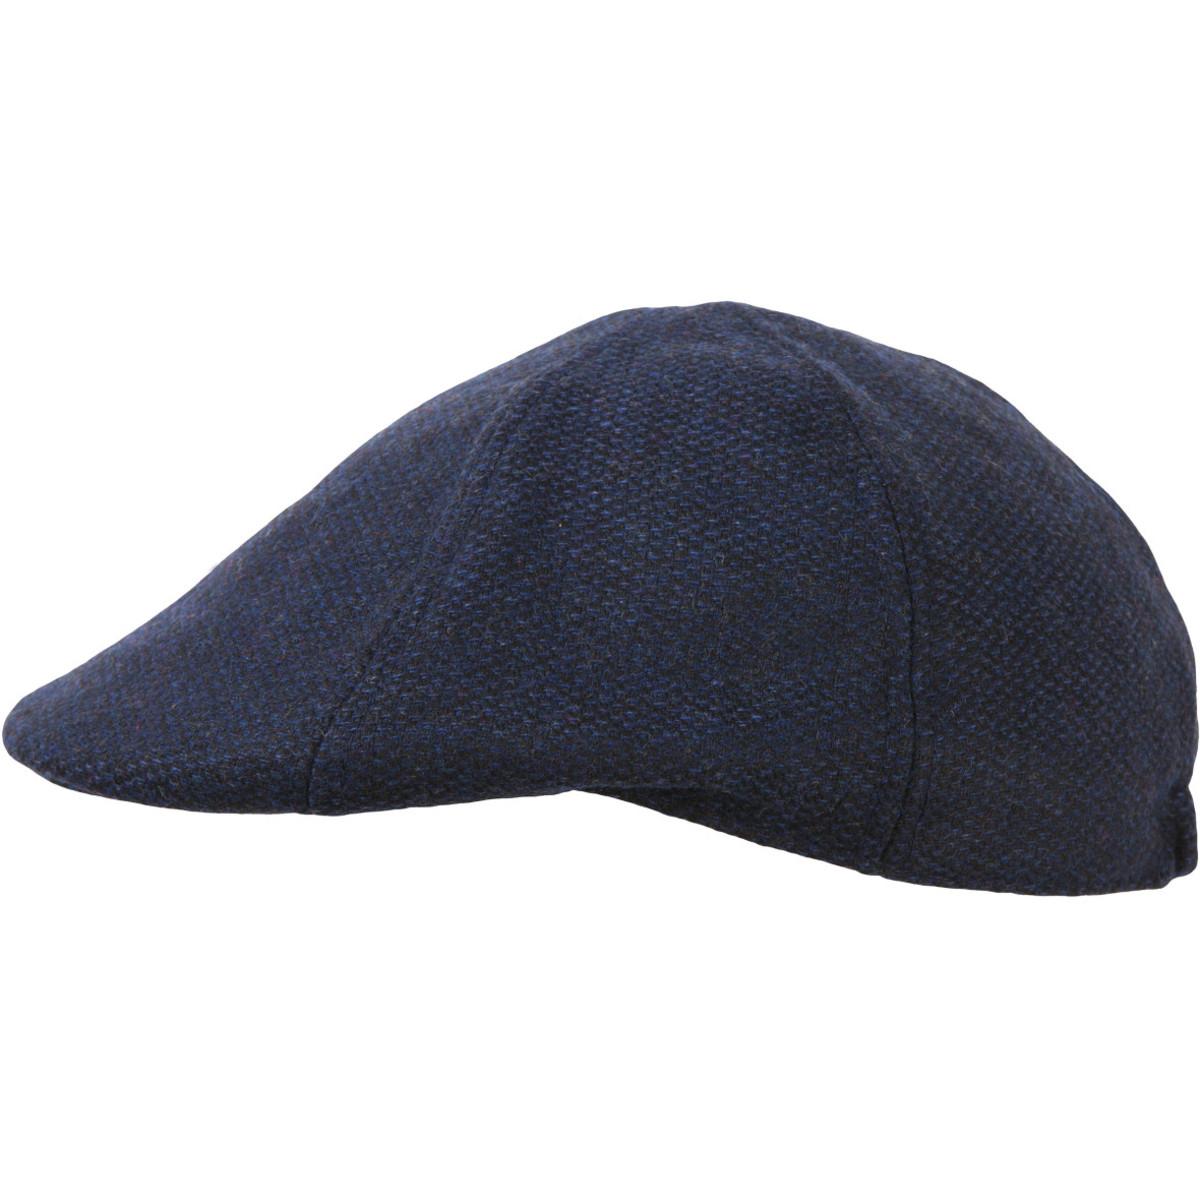 Bild 1 von Herren Schieber Mütze